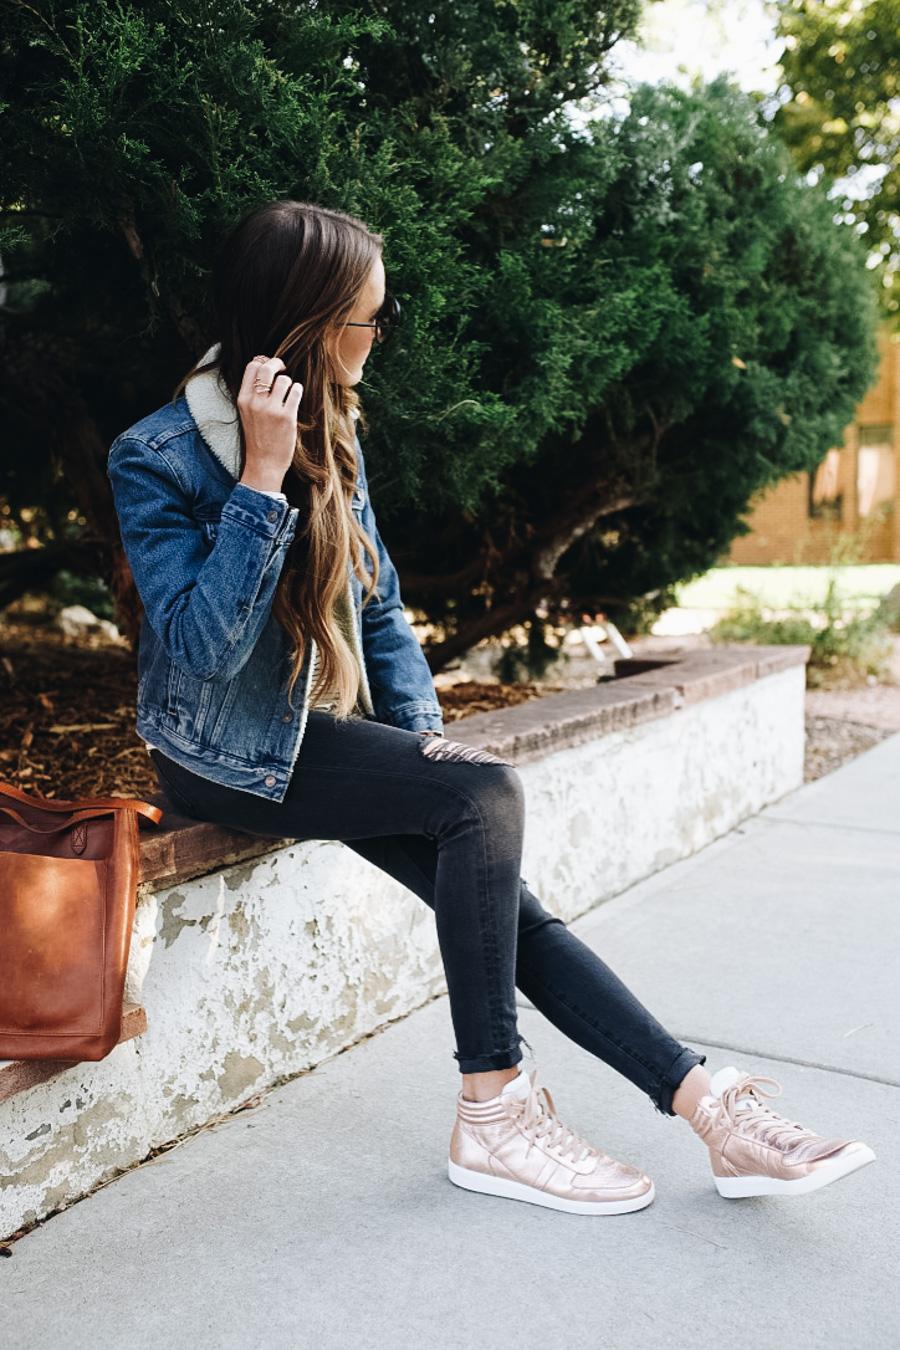 lauren sims dolce vita shoes